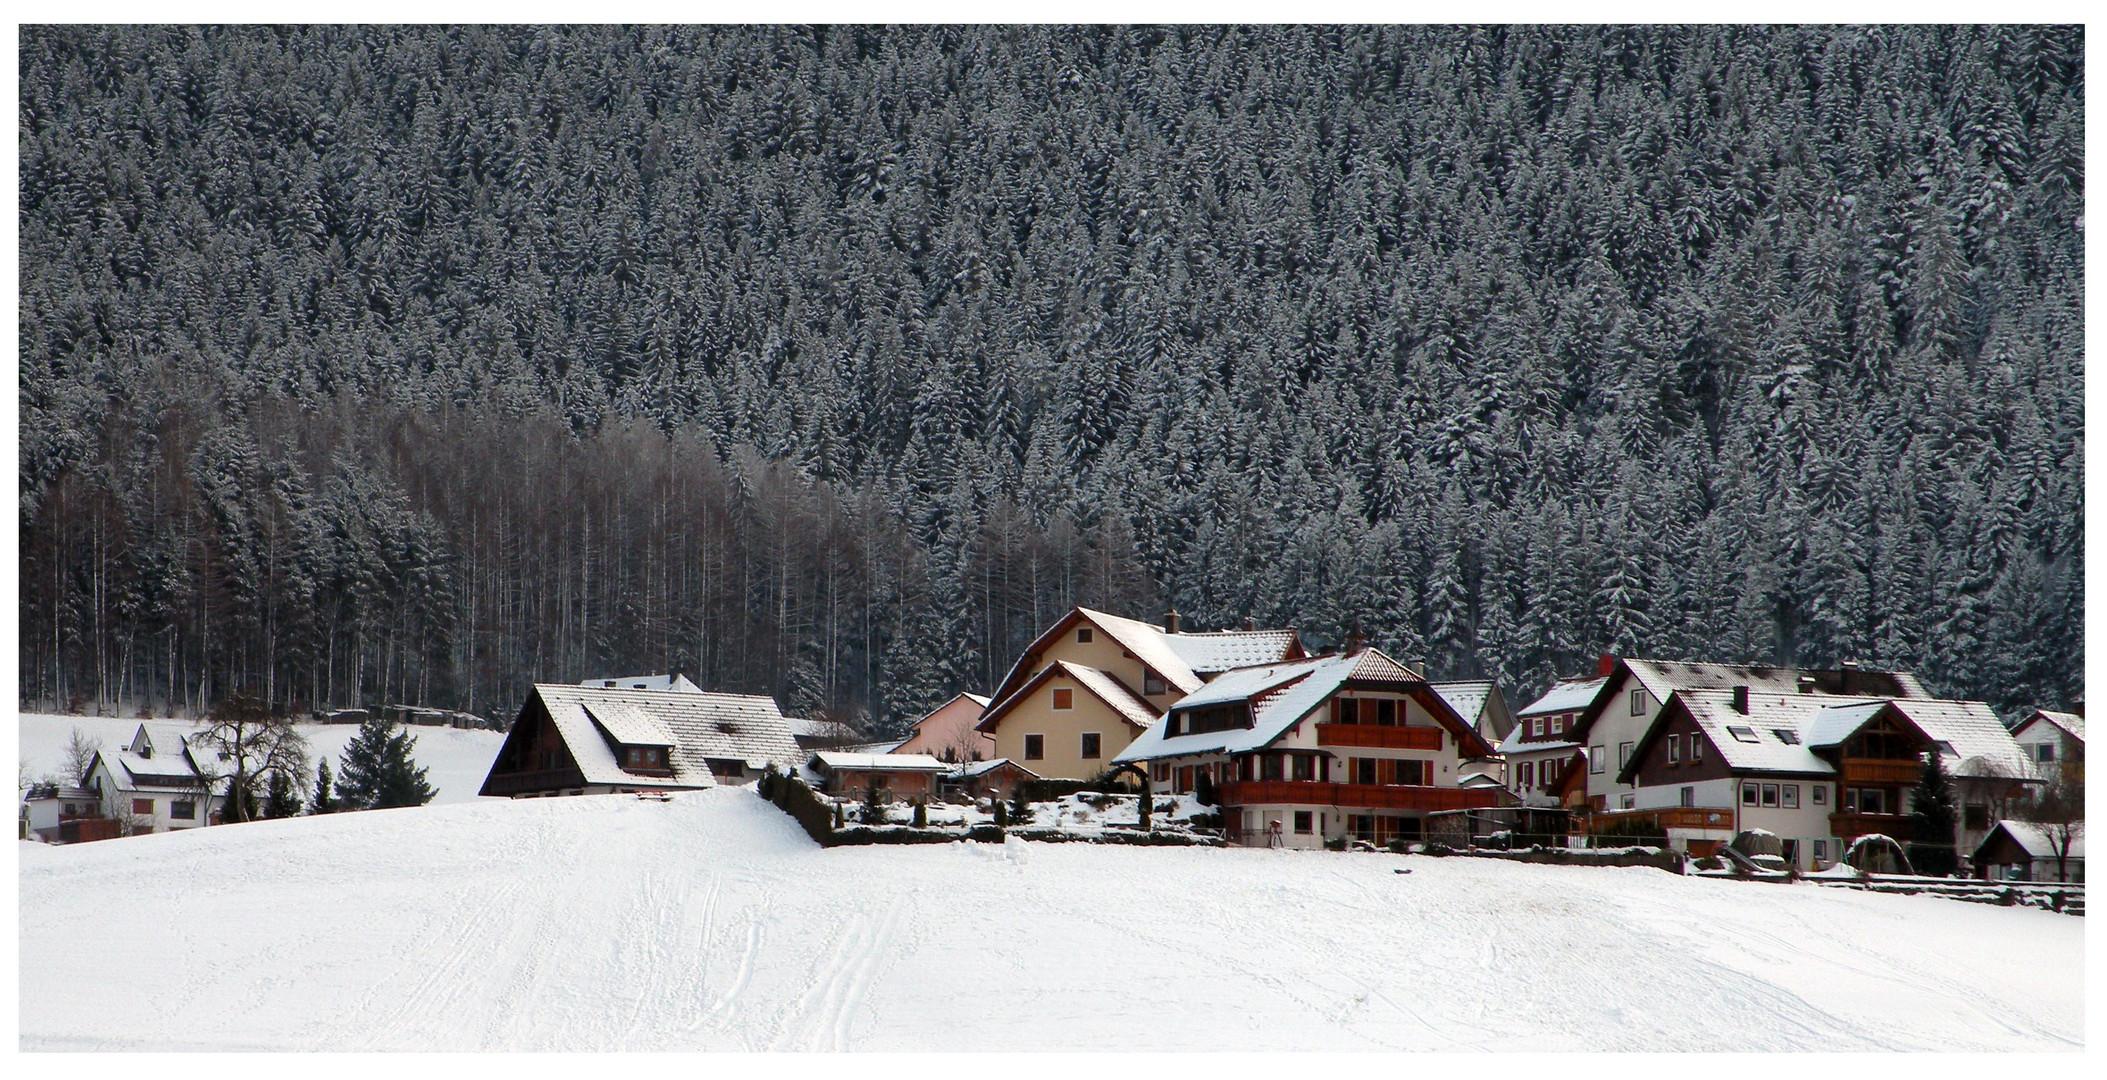 Un village sous la neige.